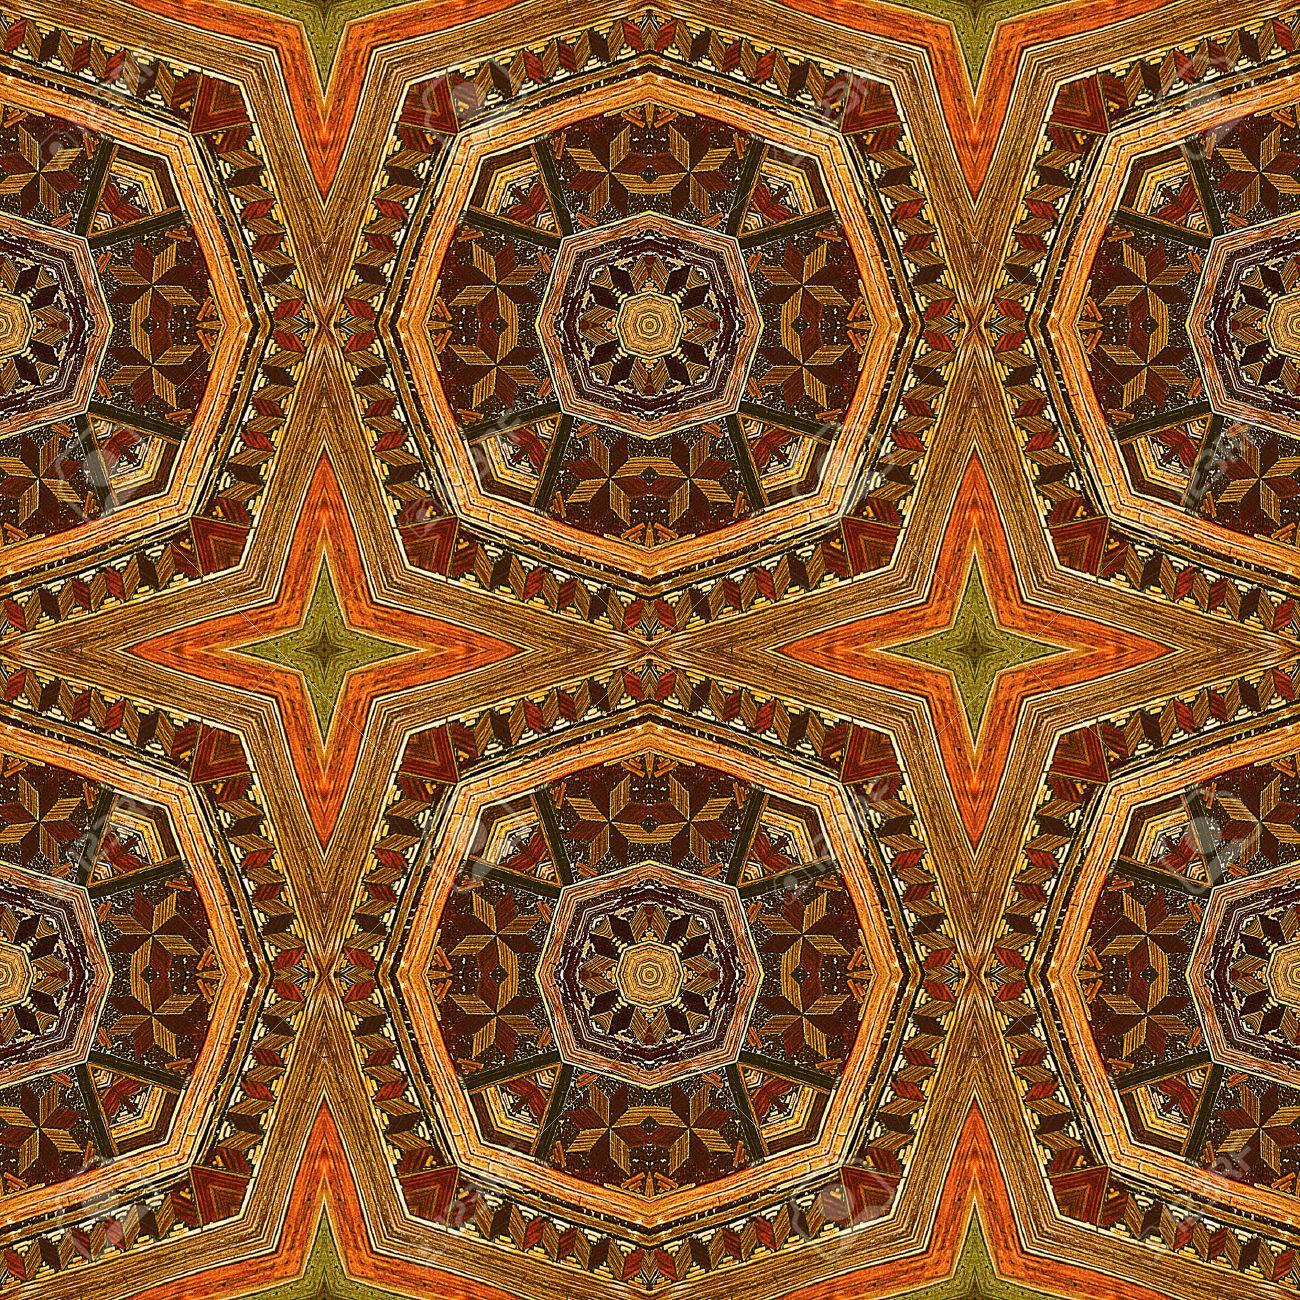 Caleidoscopico Mosaico Senza Soluzione Di Continuità In Legno Con Le ...